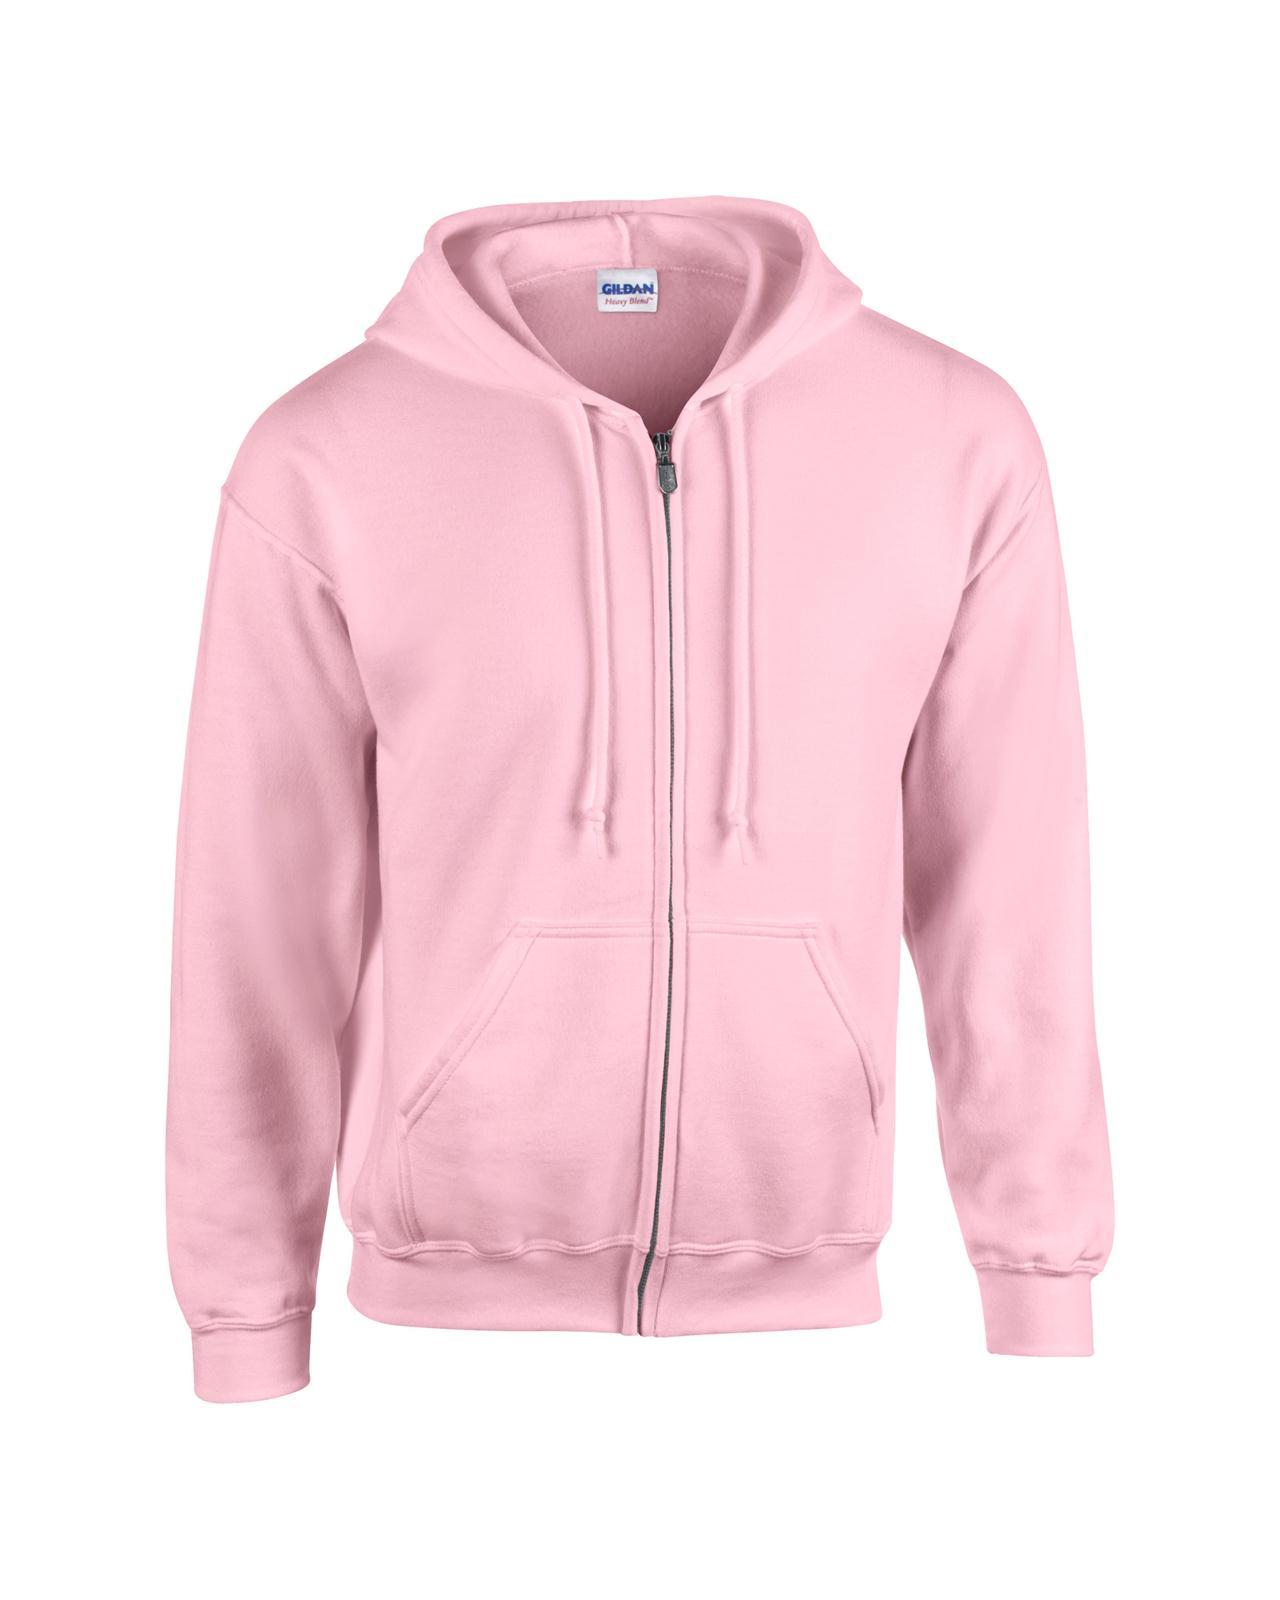 Gildan Childrens Kids Heavy Zip up Hoodie Sweatshirt in 8 Colours ...